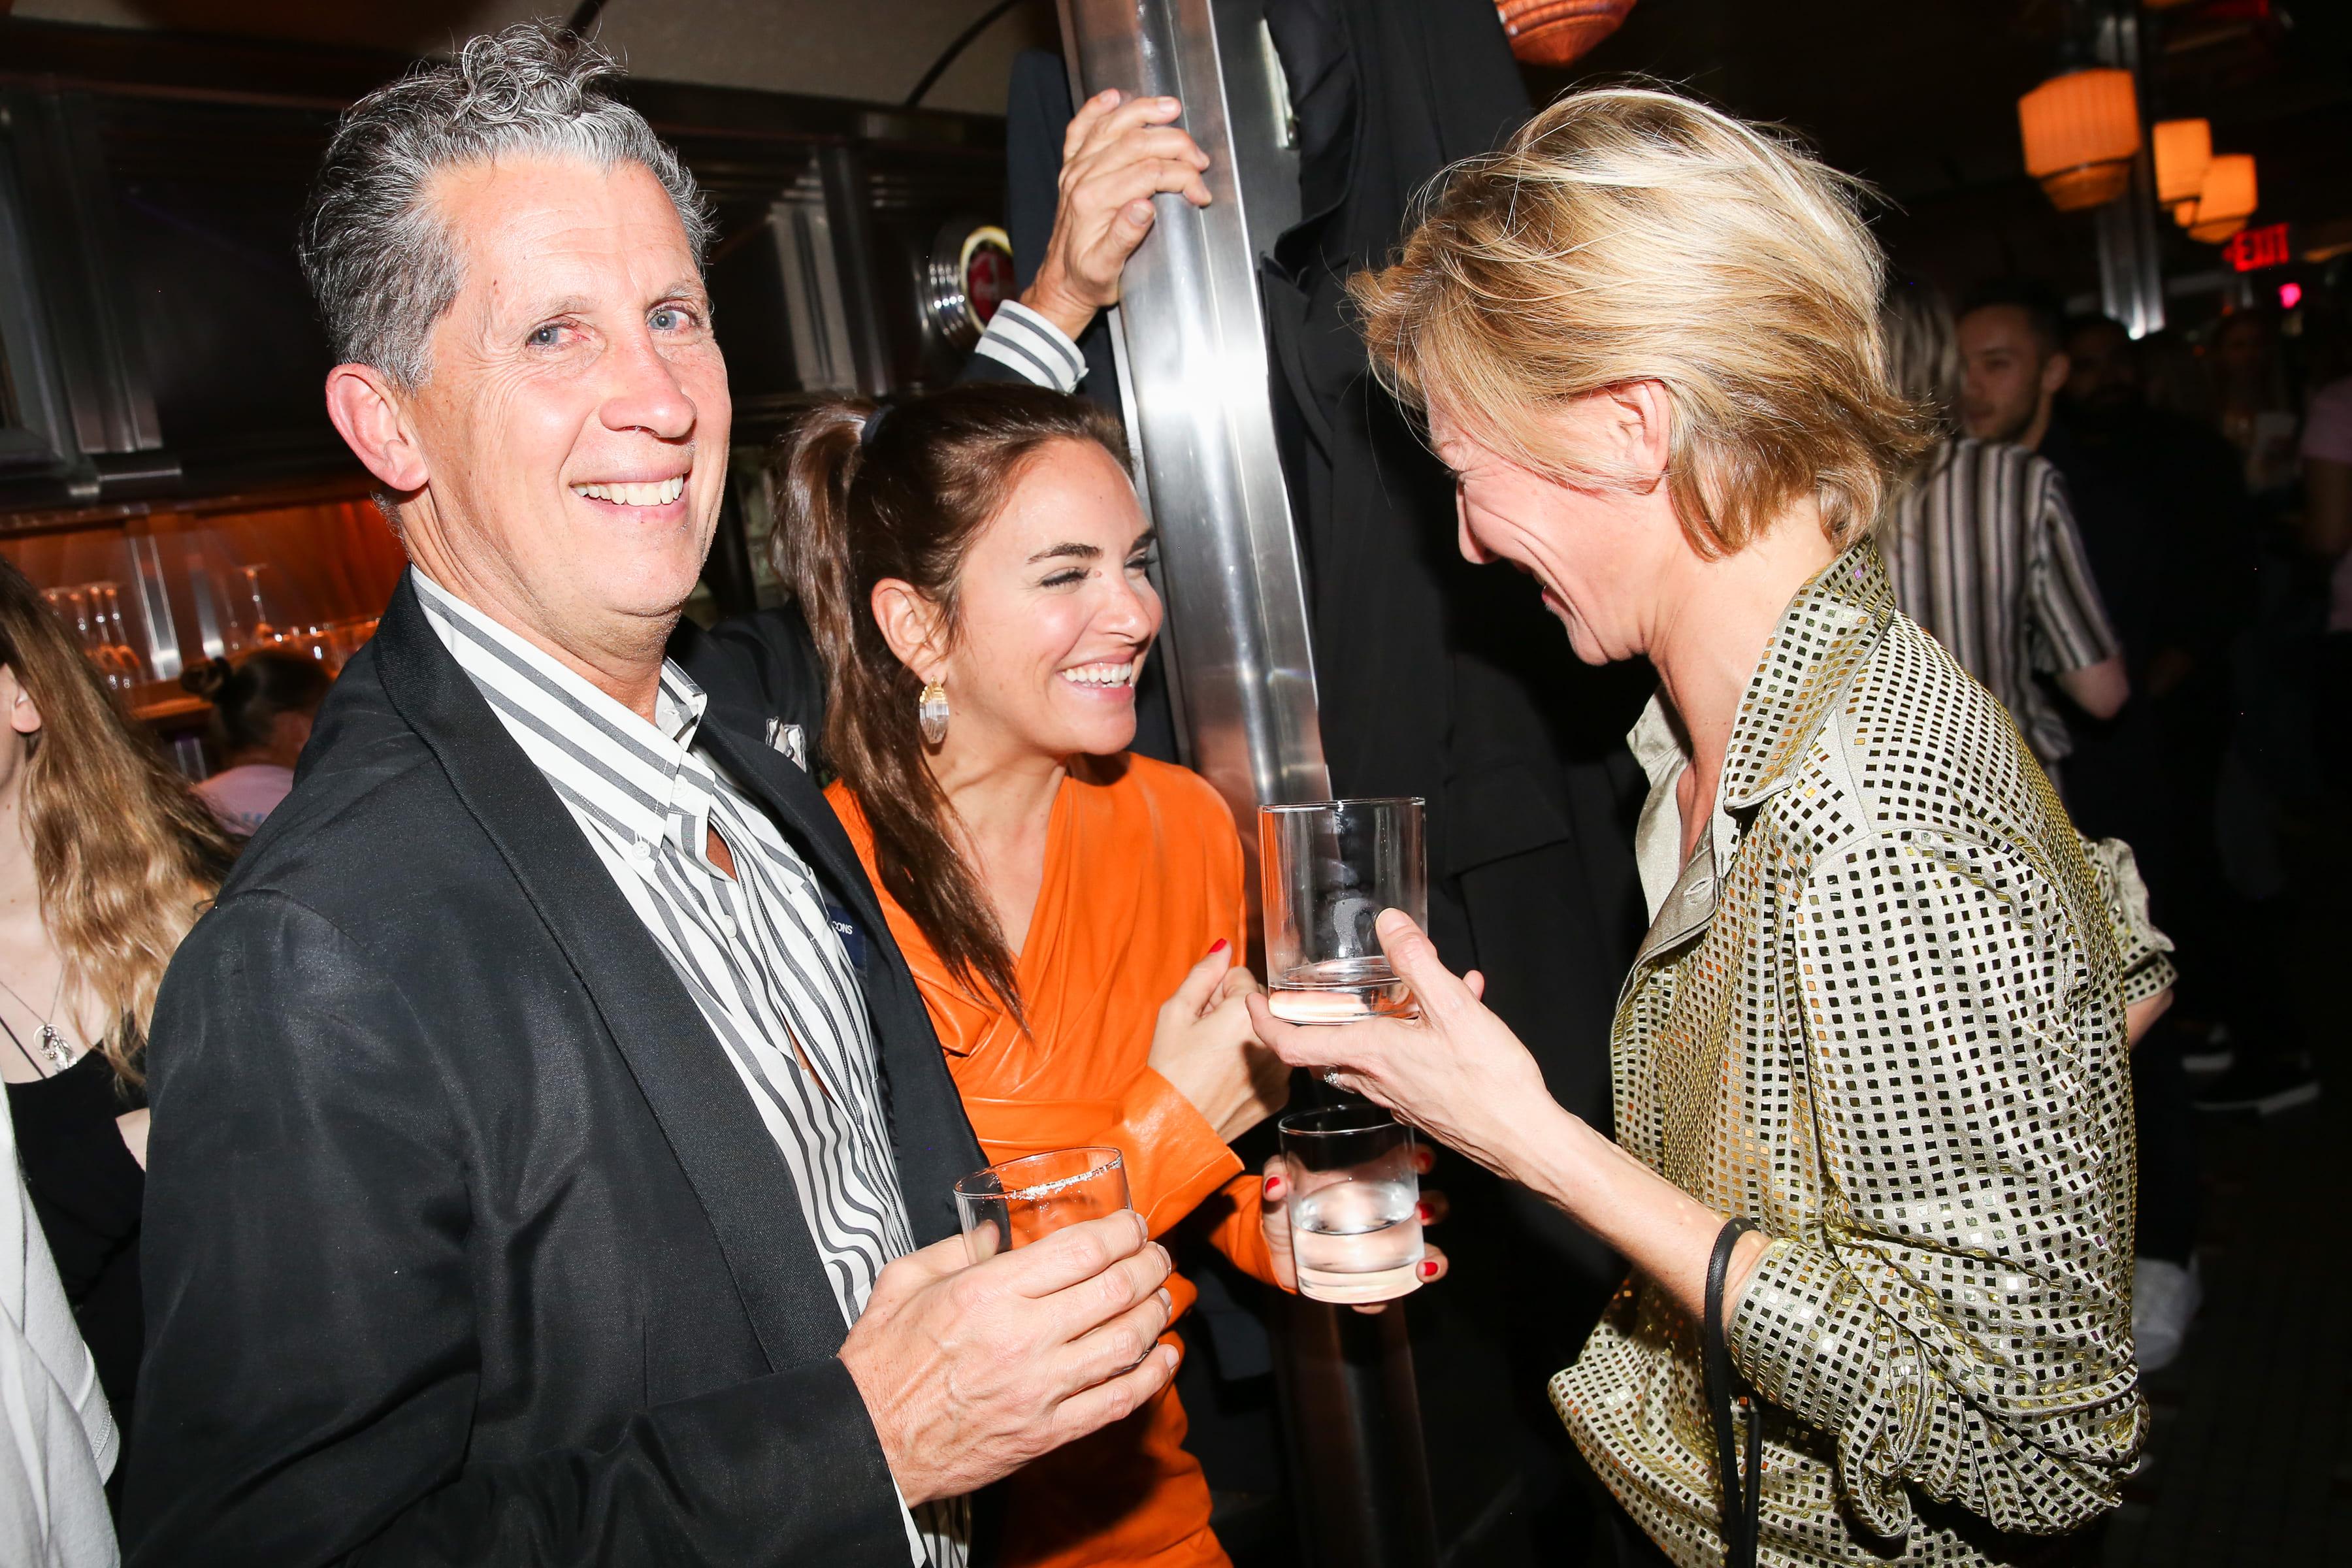 Stefano Tonchi, Laure Hériard-Dubreuil, Elizabeth Von Guttman